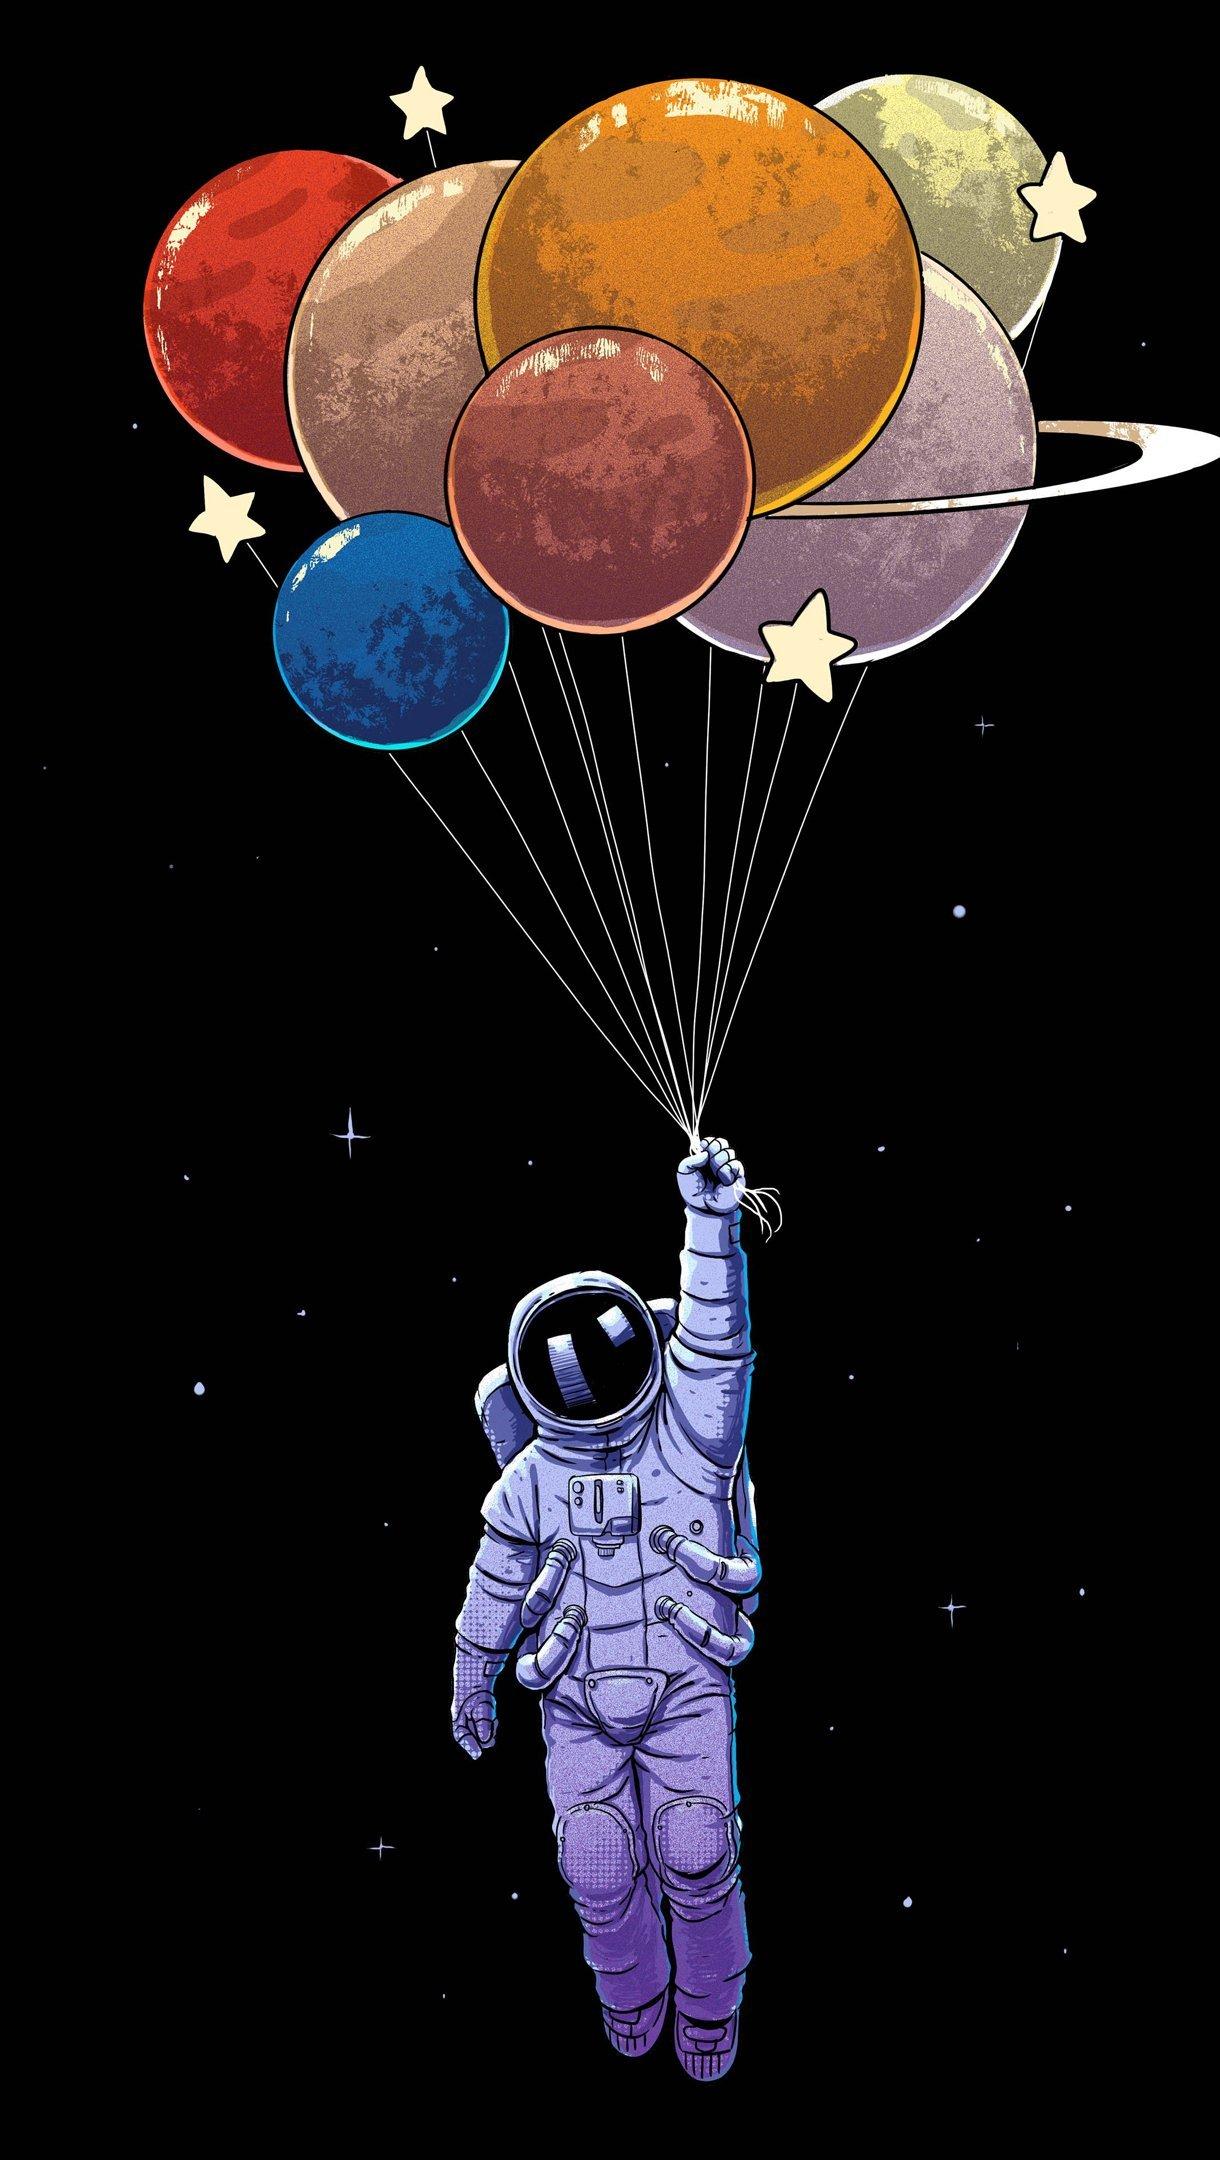 Fondos de pantalla Astronauta con globos como planetas Vertical